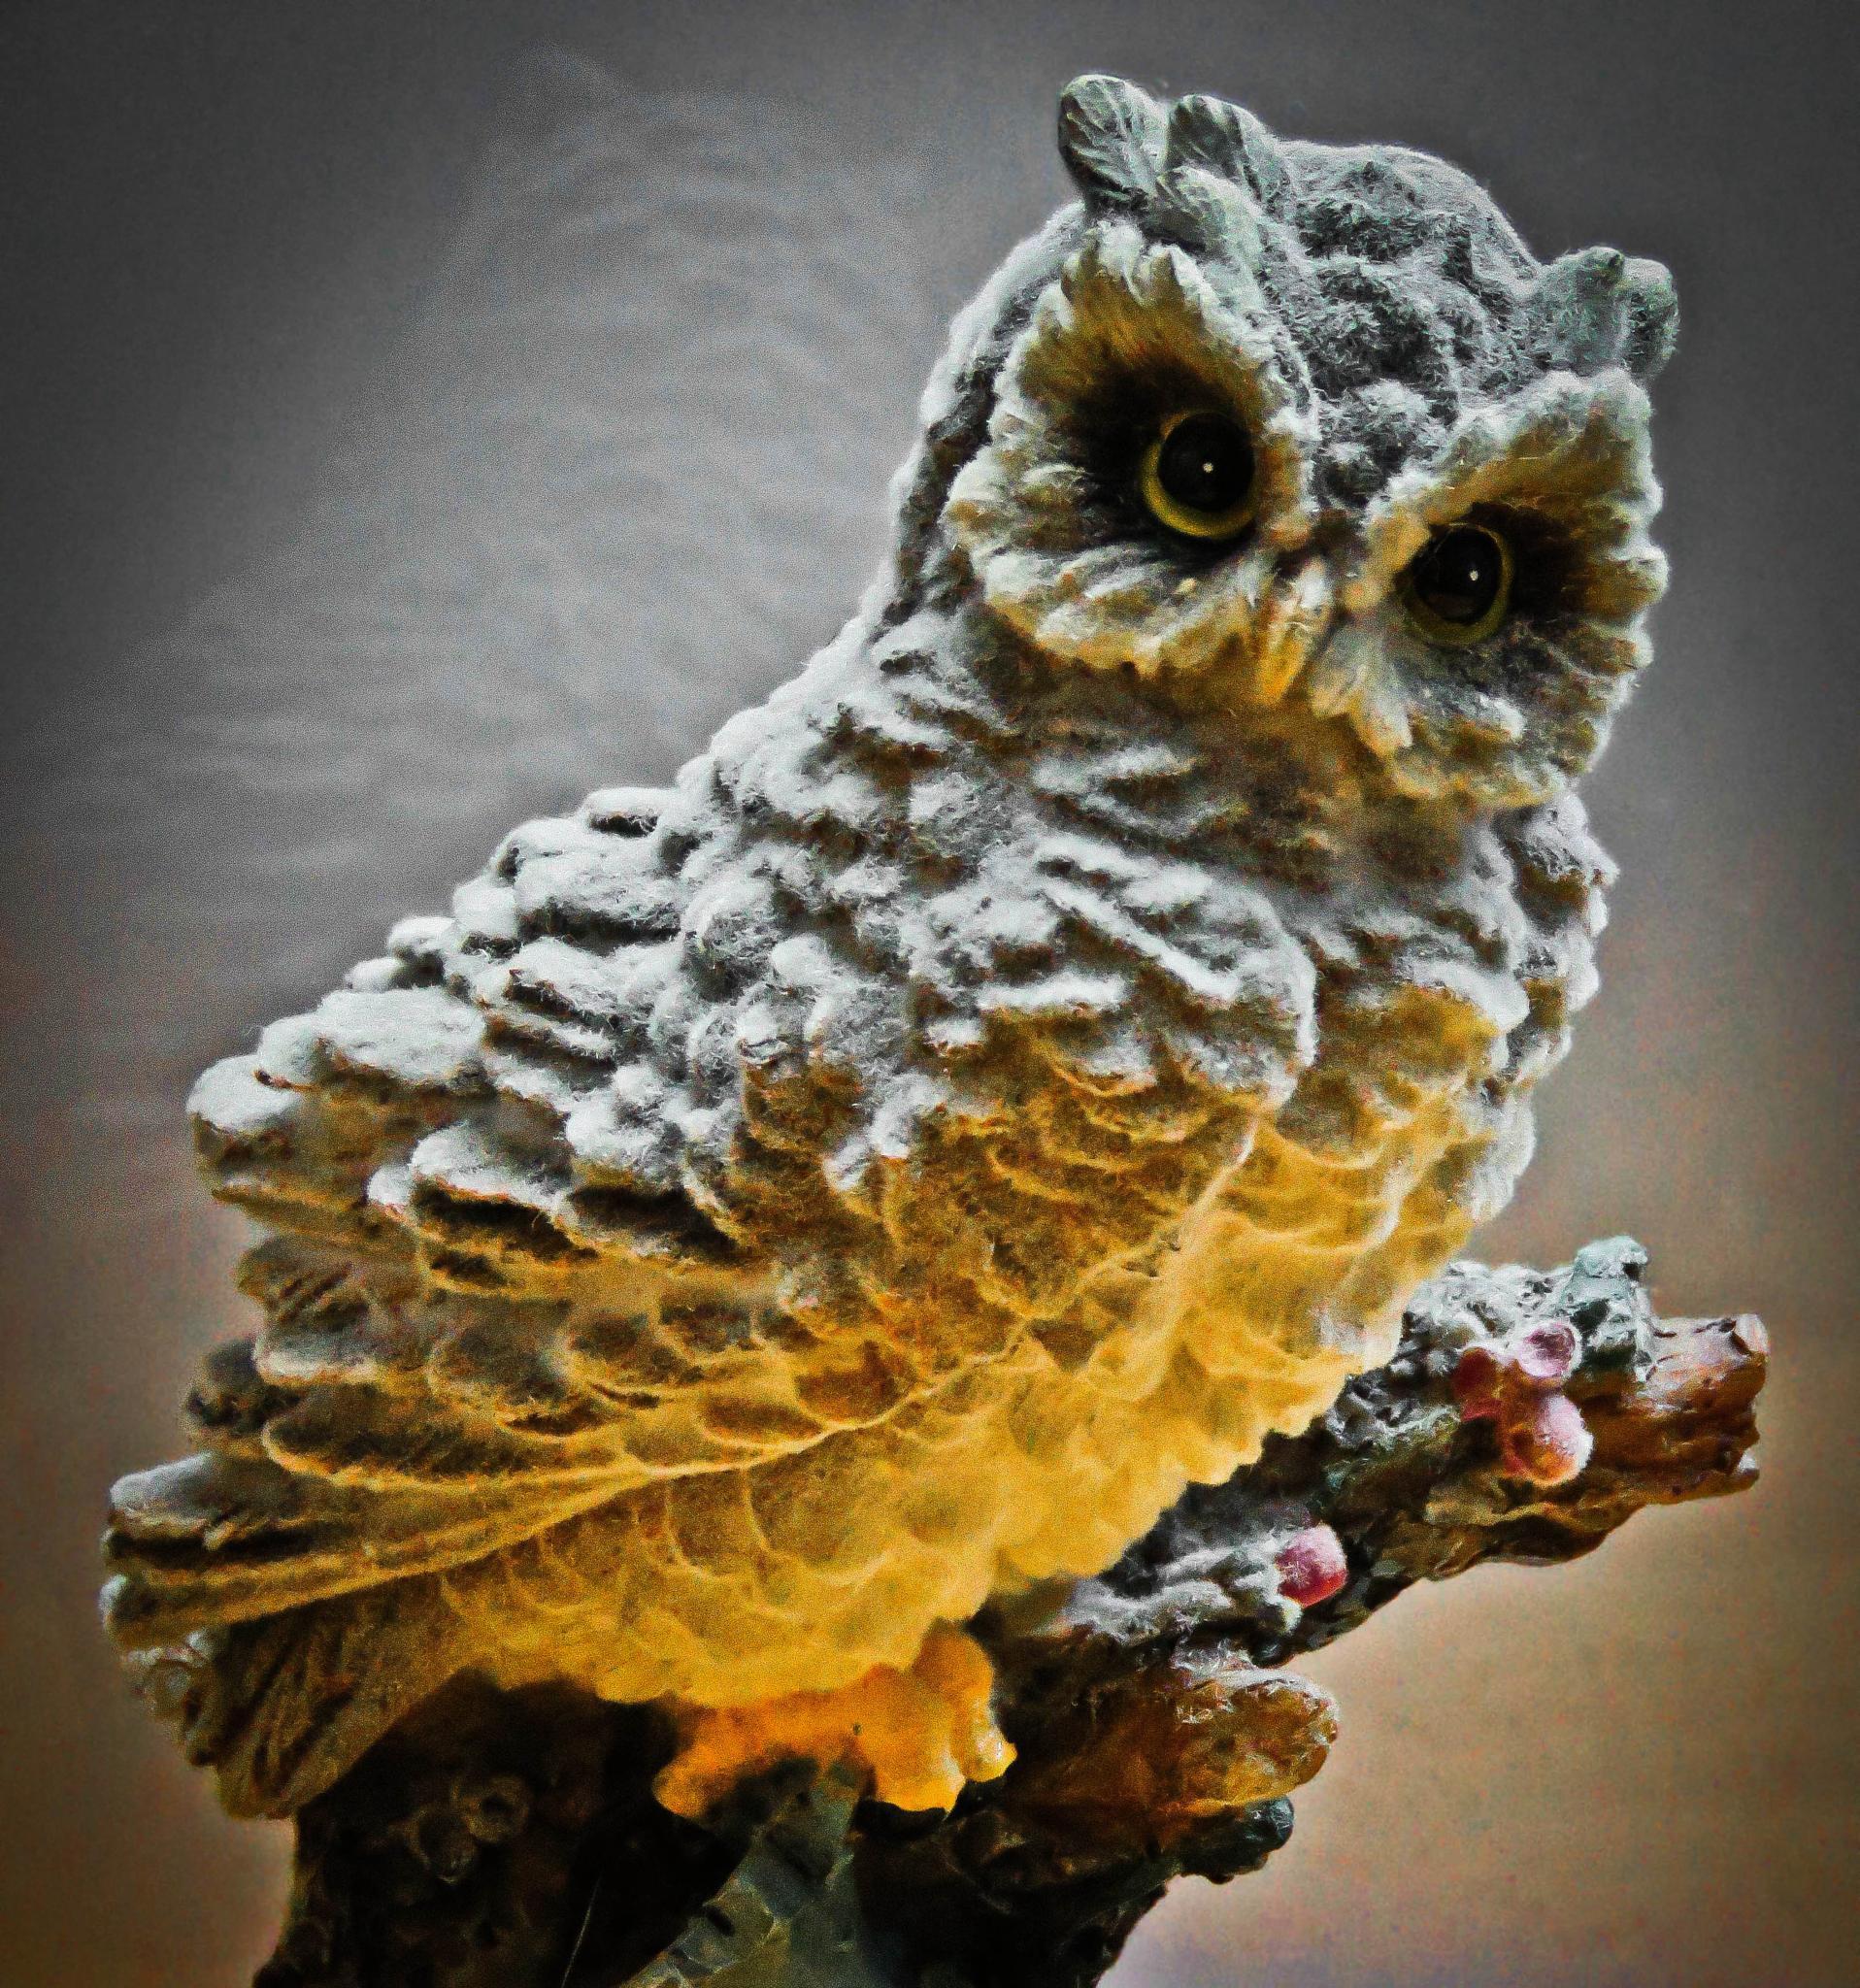 Toy owl by Andreja Križevac